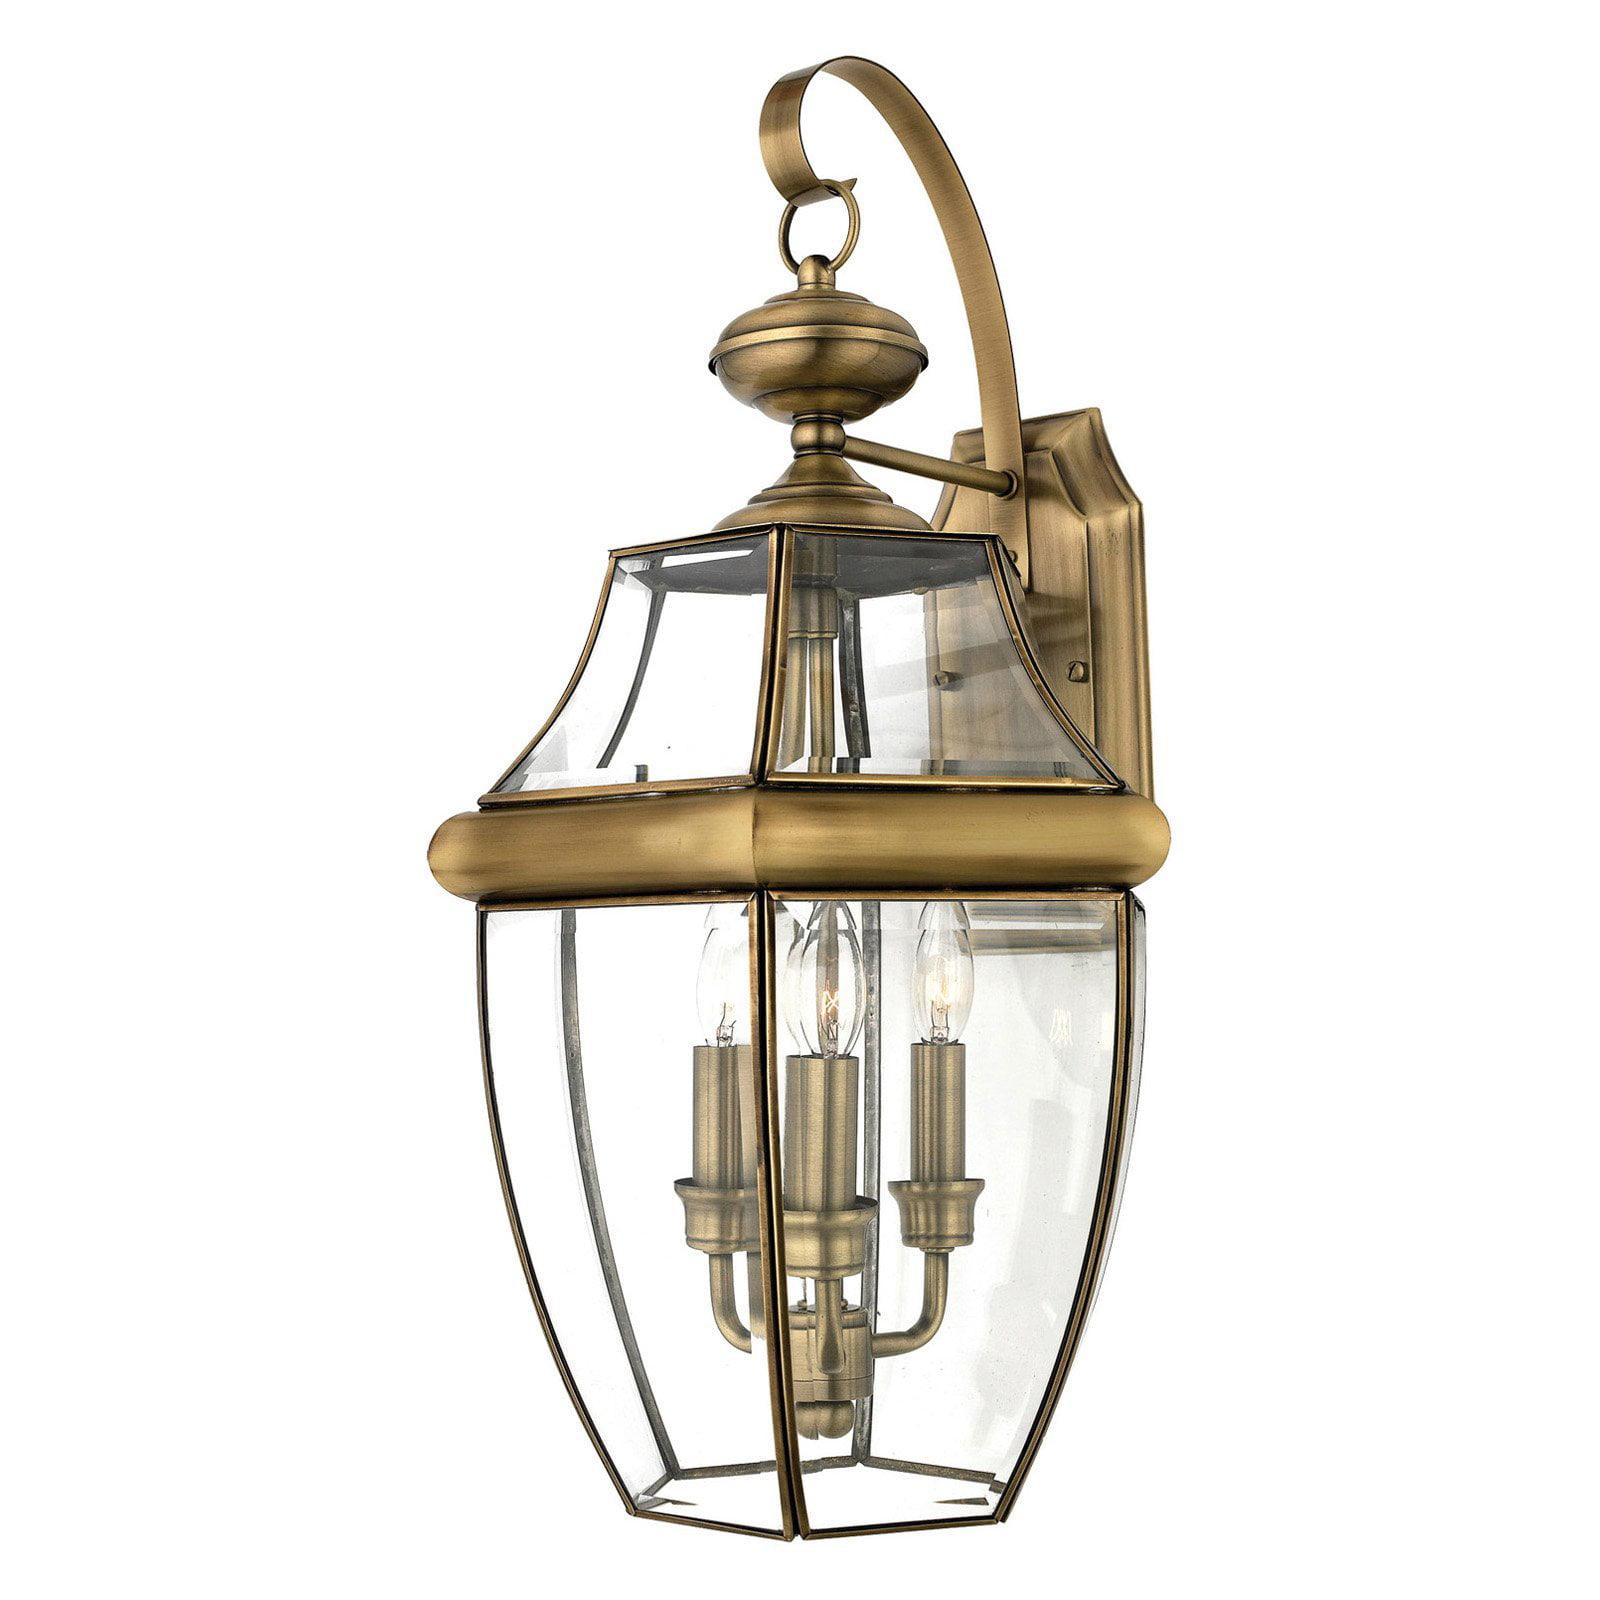 Quoizel Newbury NY83 Outdoor Wall Lantern